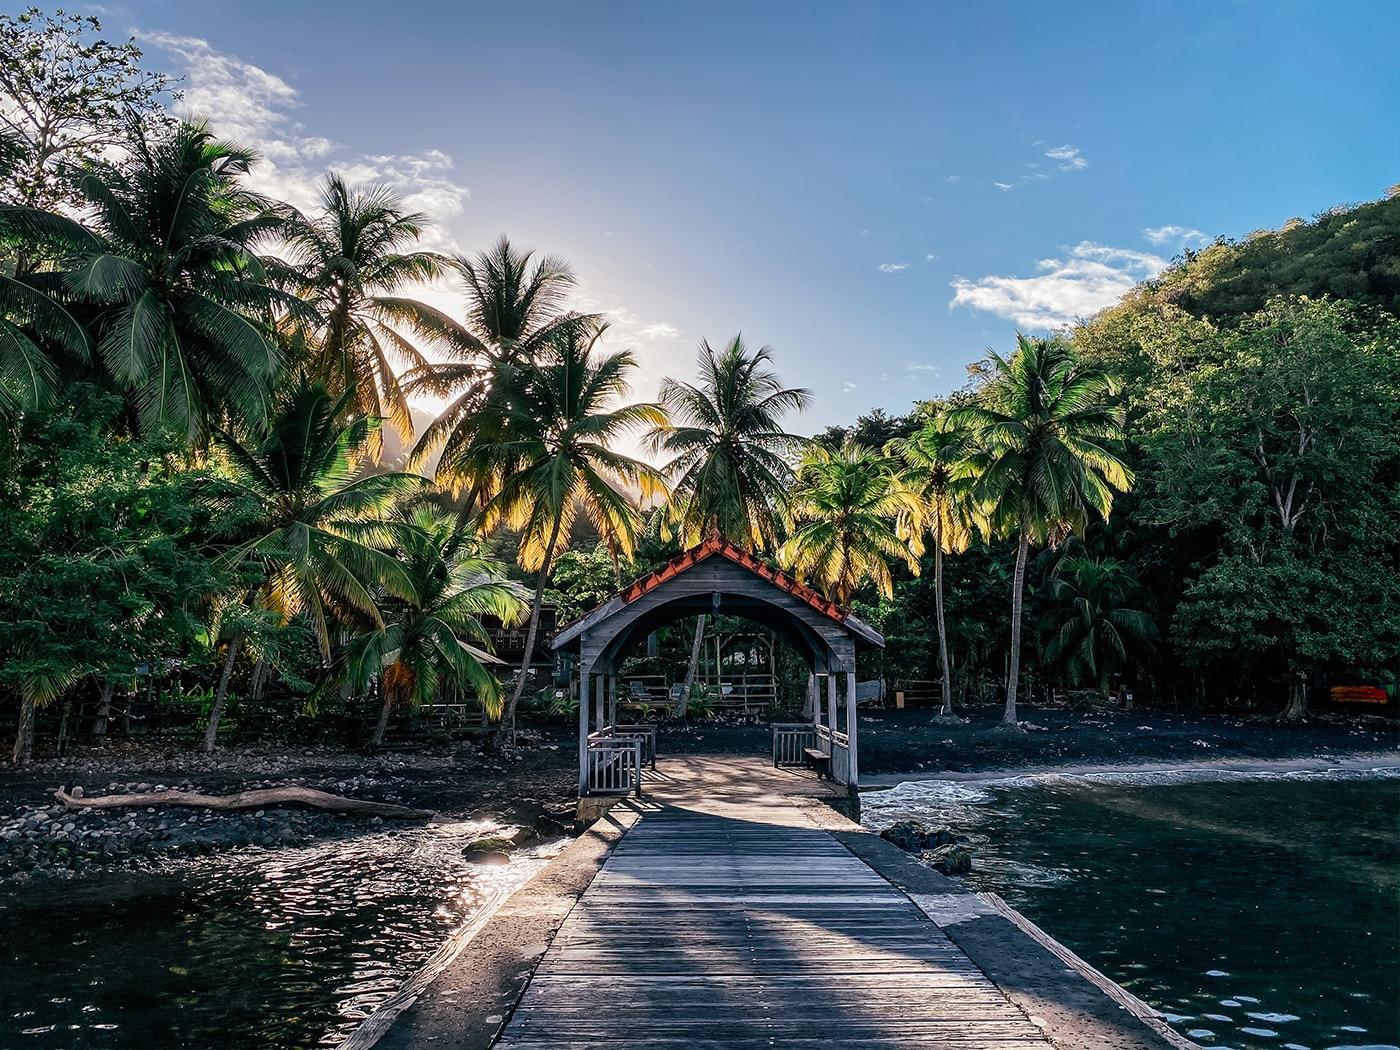 IMG 4903 - Voyage en Martinique : Itinéraire et conseils